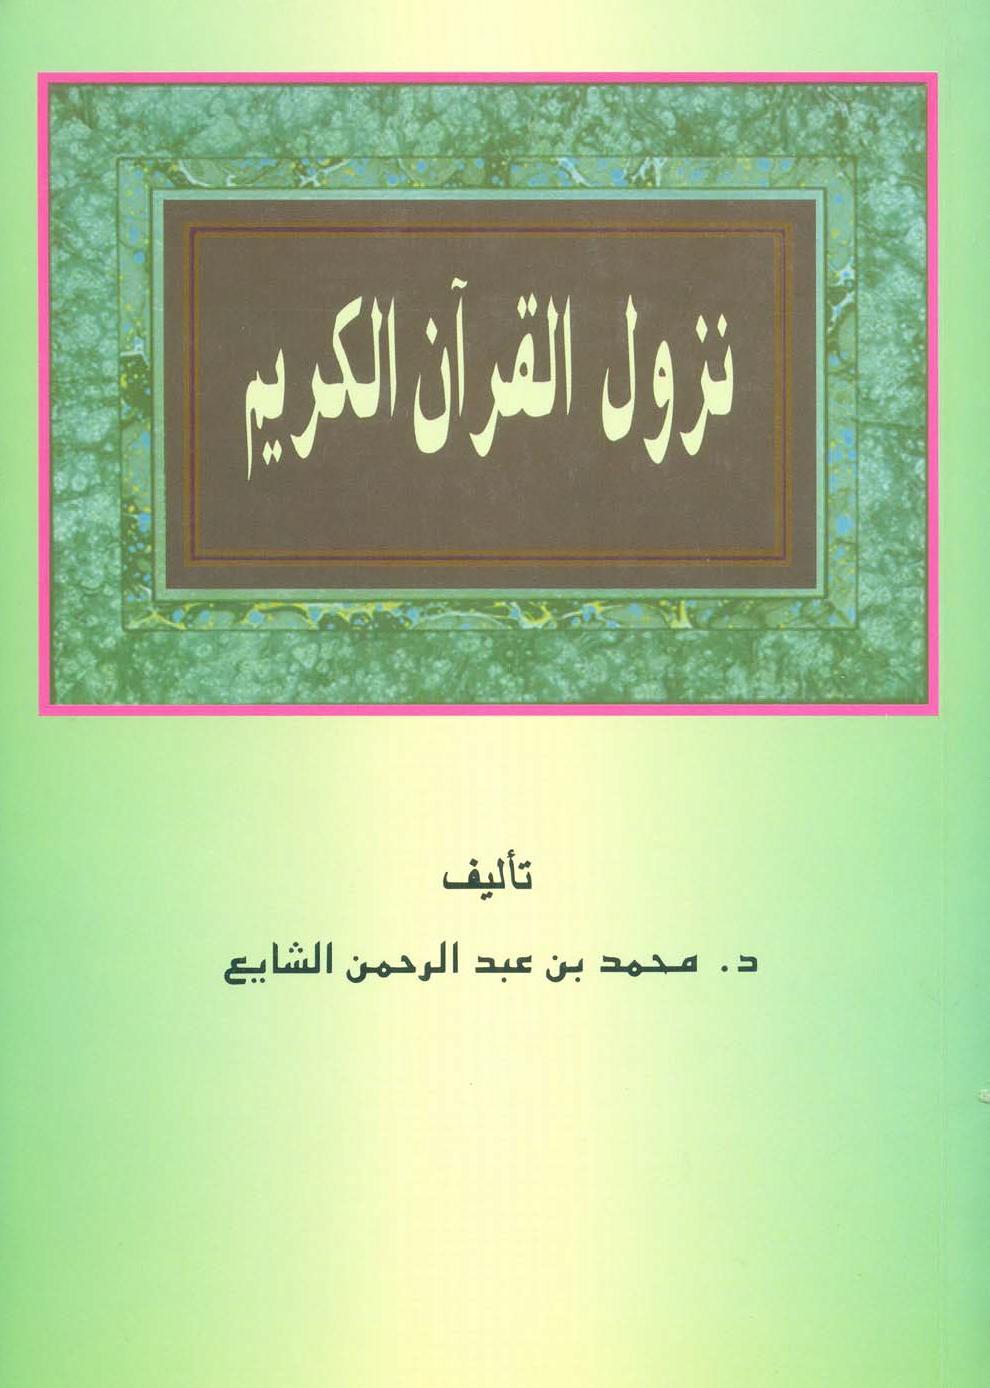 تحميل كتاب نزول القرآن الكريم (الشايع) لـِ: الدكتور محمد بن عبد الرحمن بن صالح الشايع